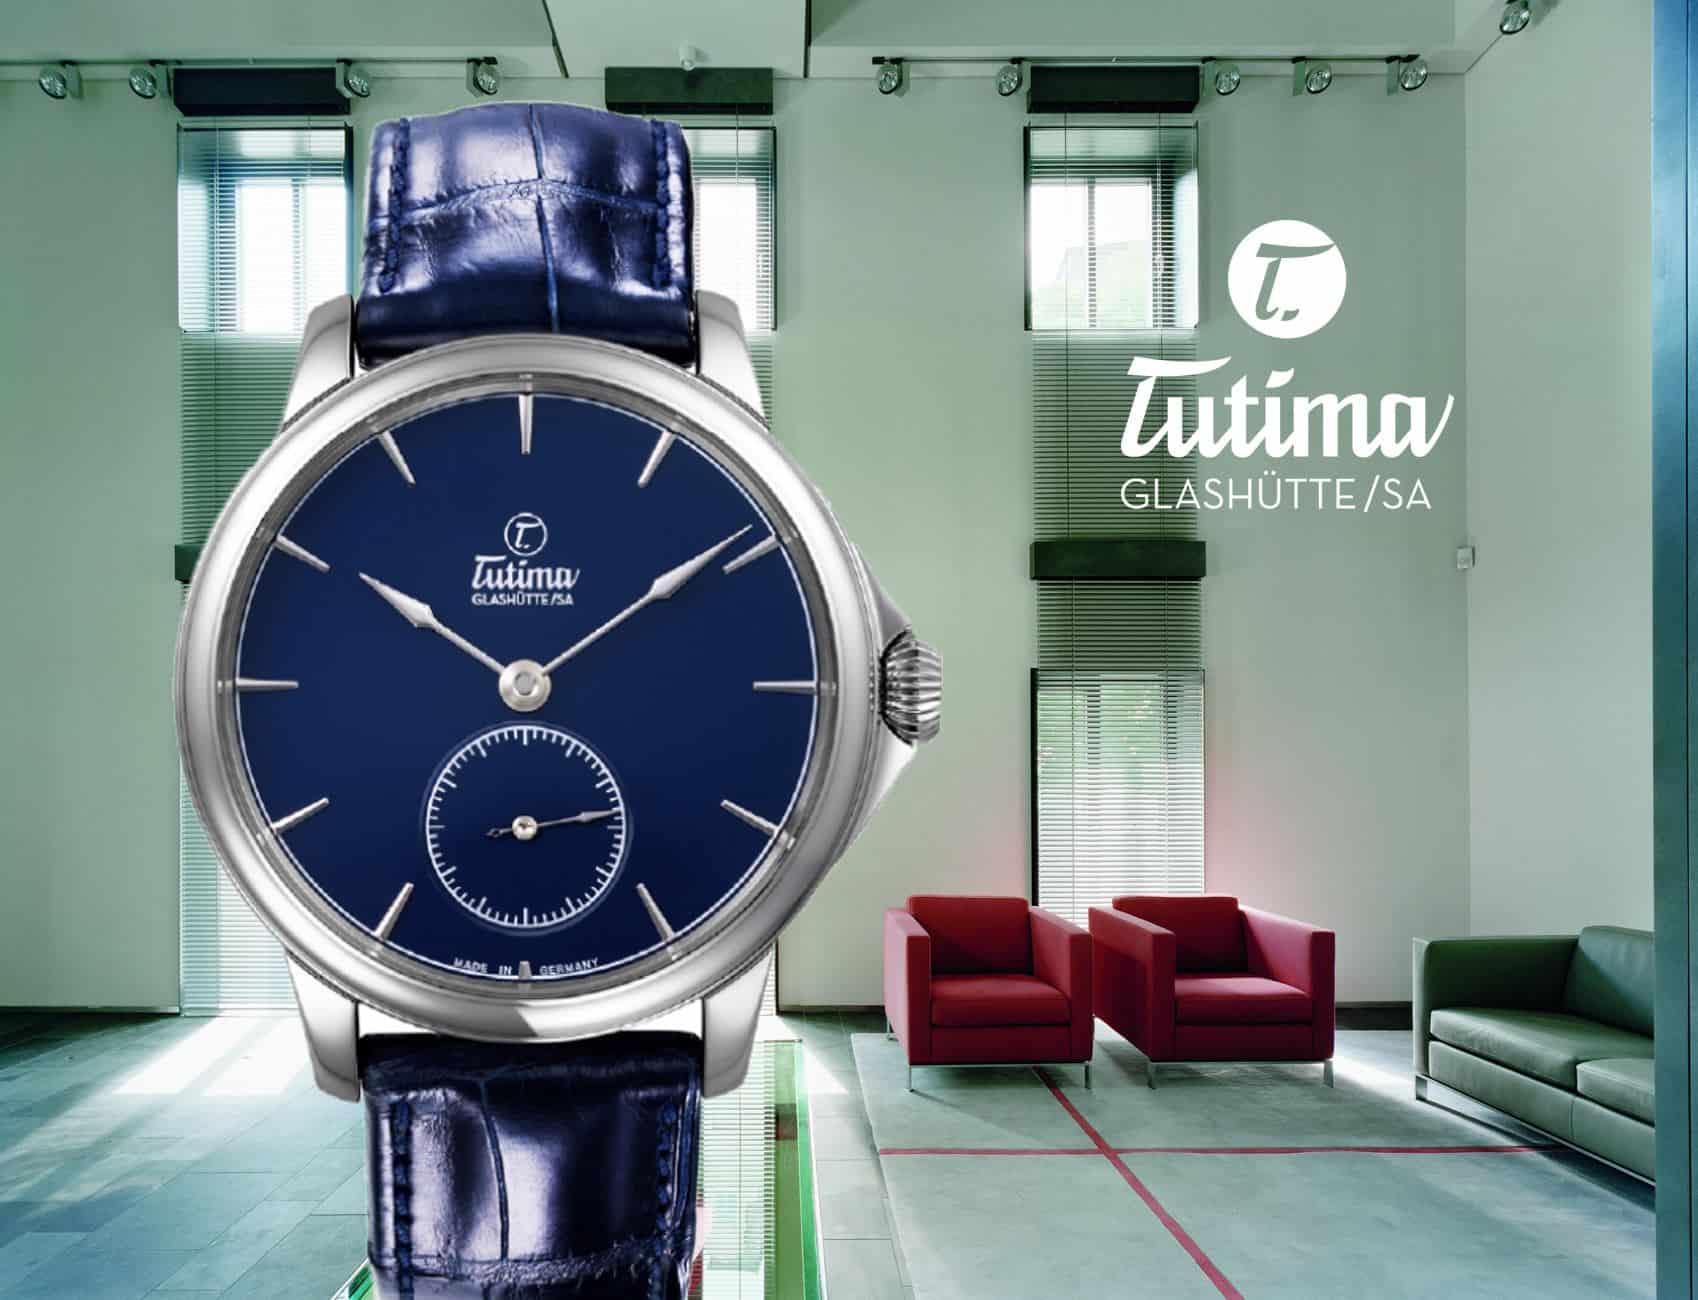 Tutima in Glashütte mit einer Tutima Patria Armbanduhr in blau